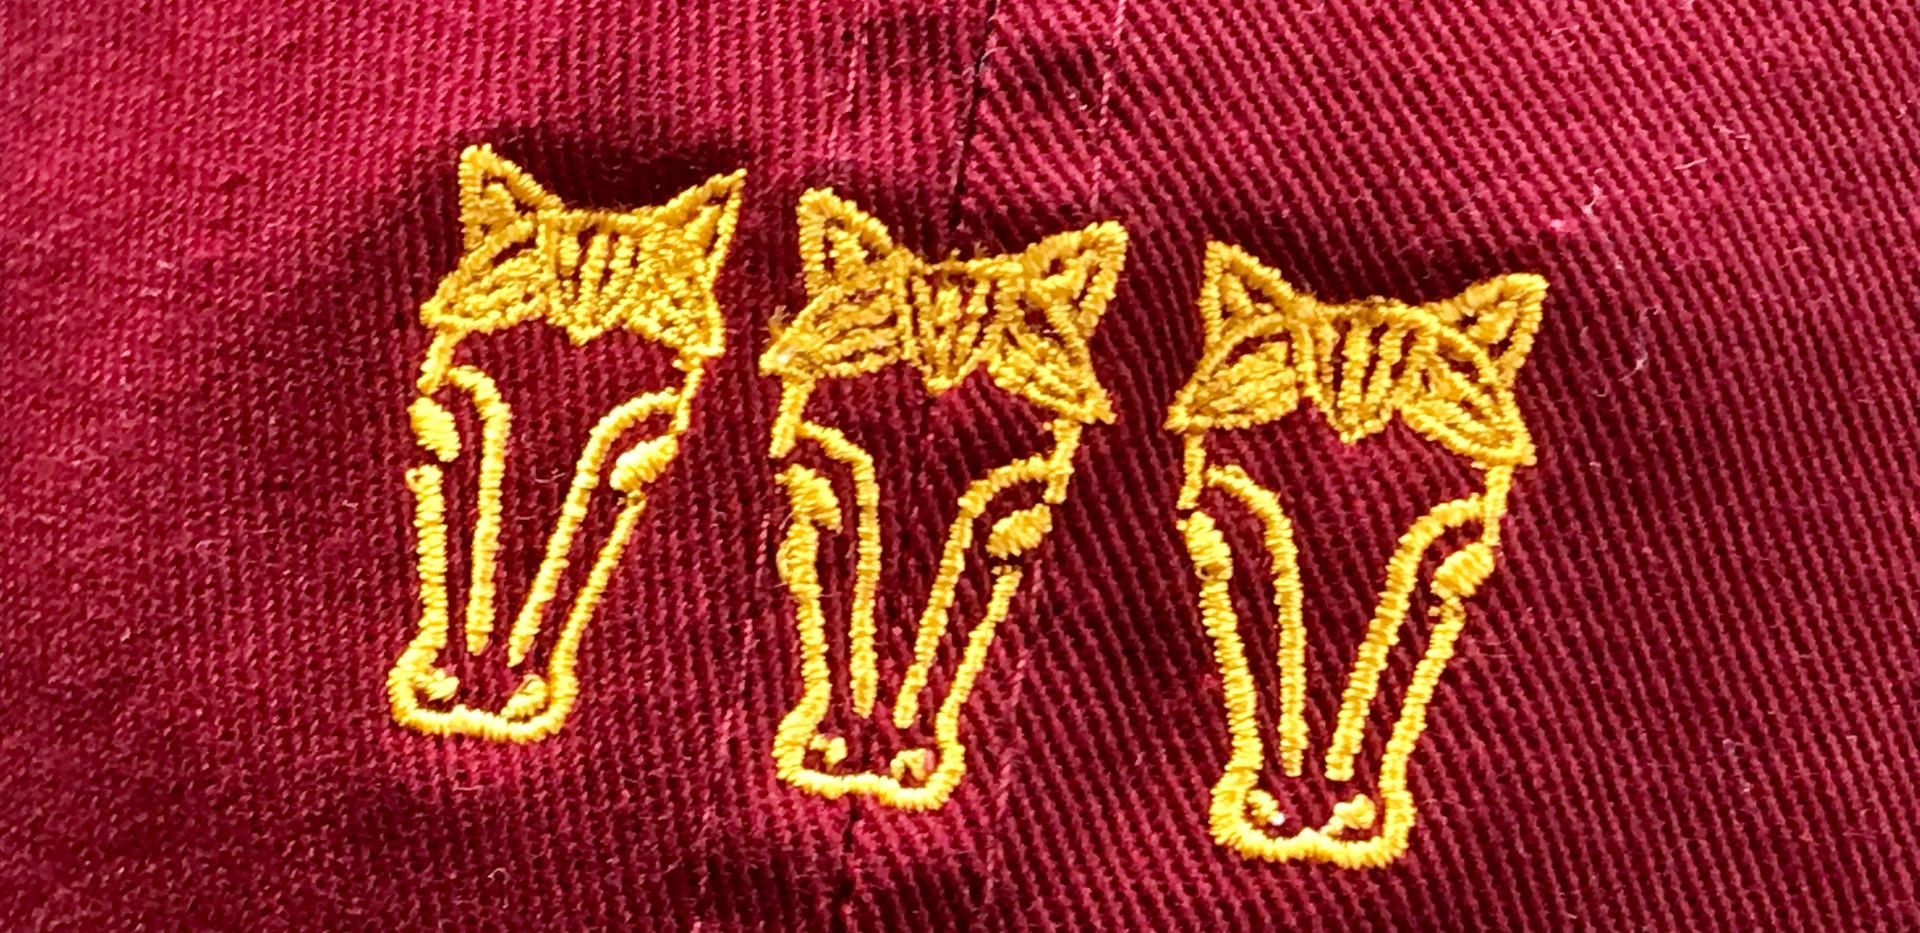 Mitsuuma rouge